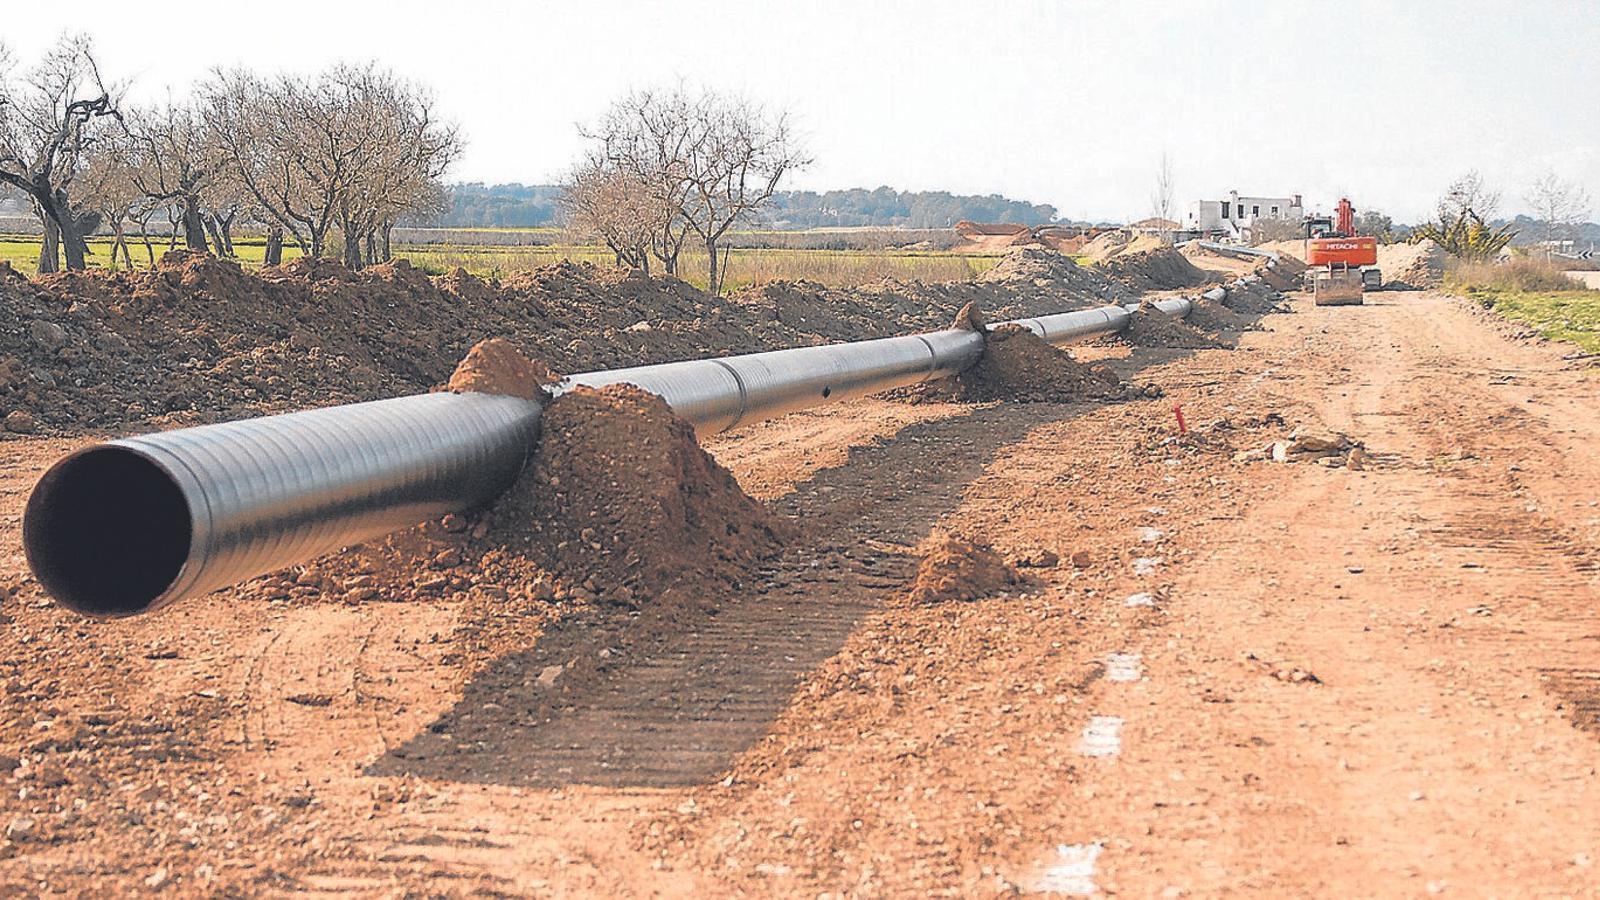 Els ecologistes s'han mostrat contraris a les obres que han aixecat 500 quilòmetres de sòl.